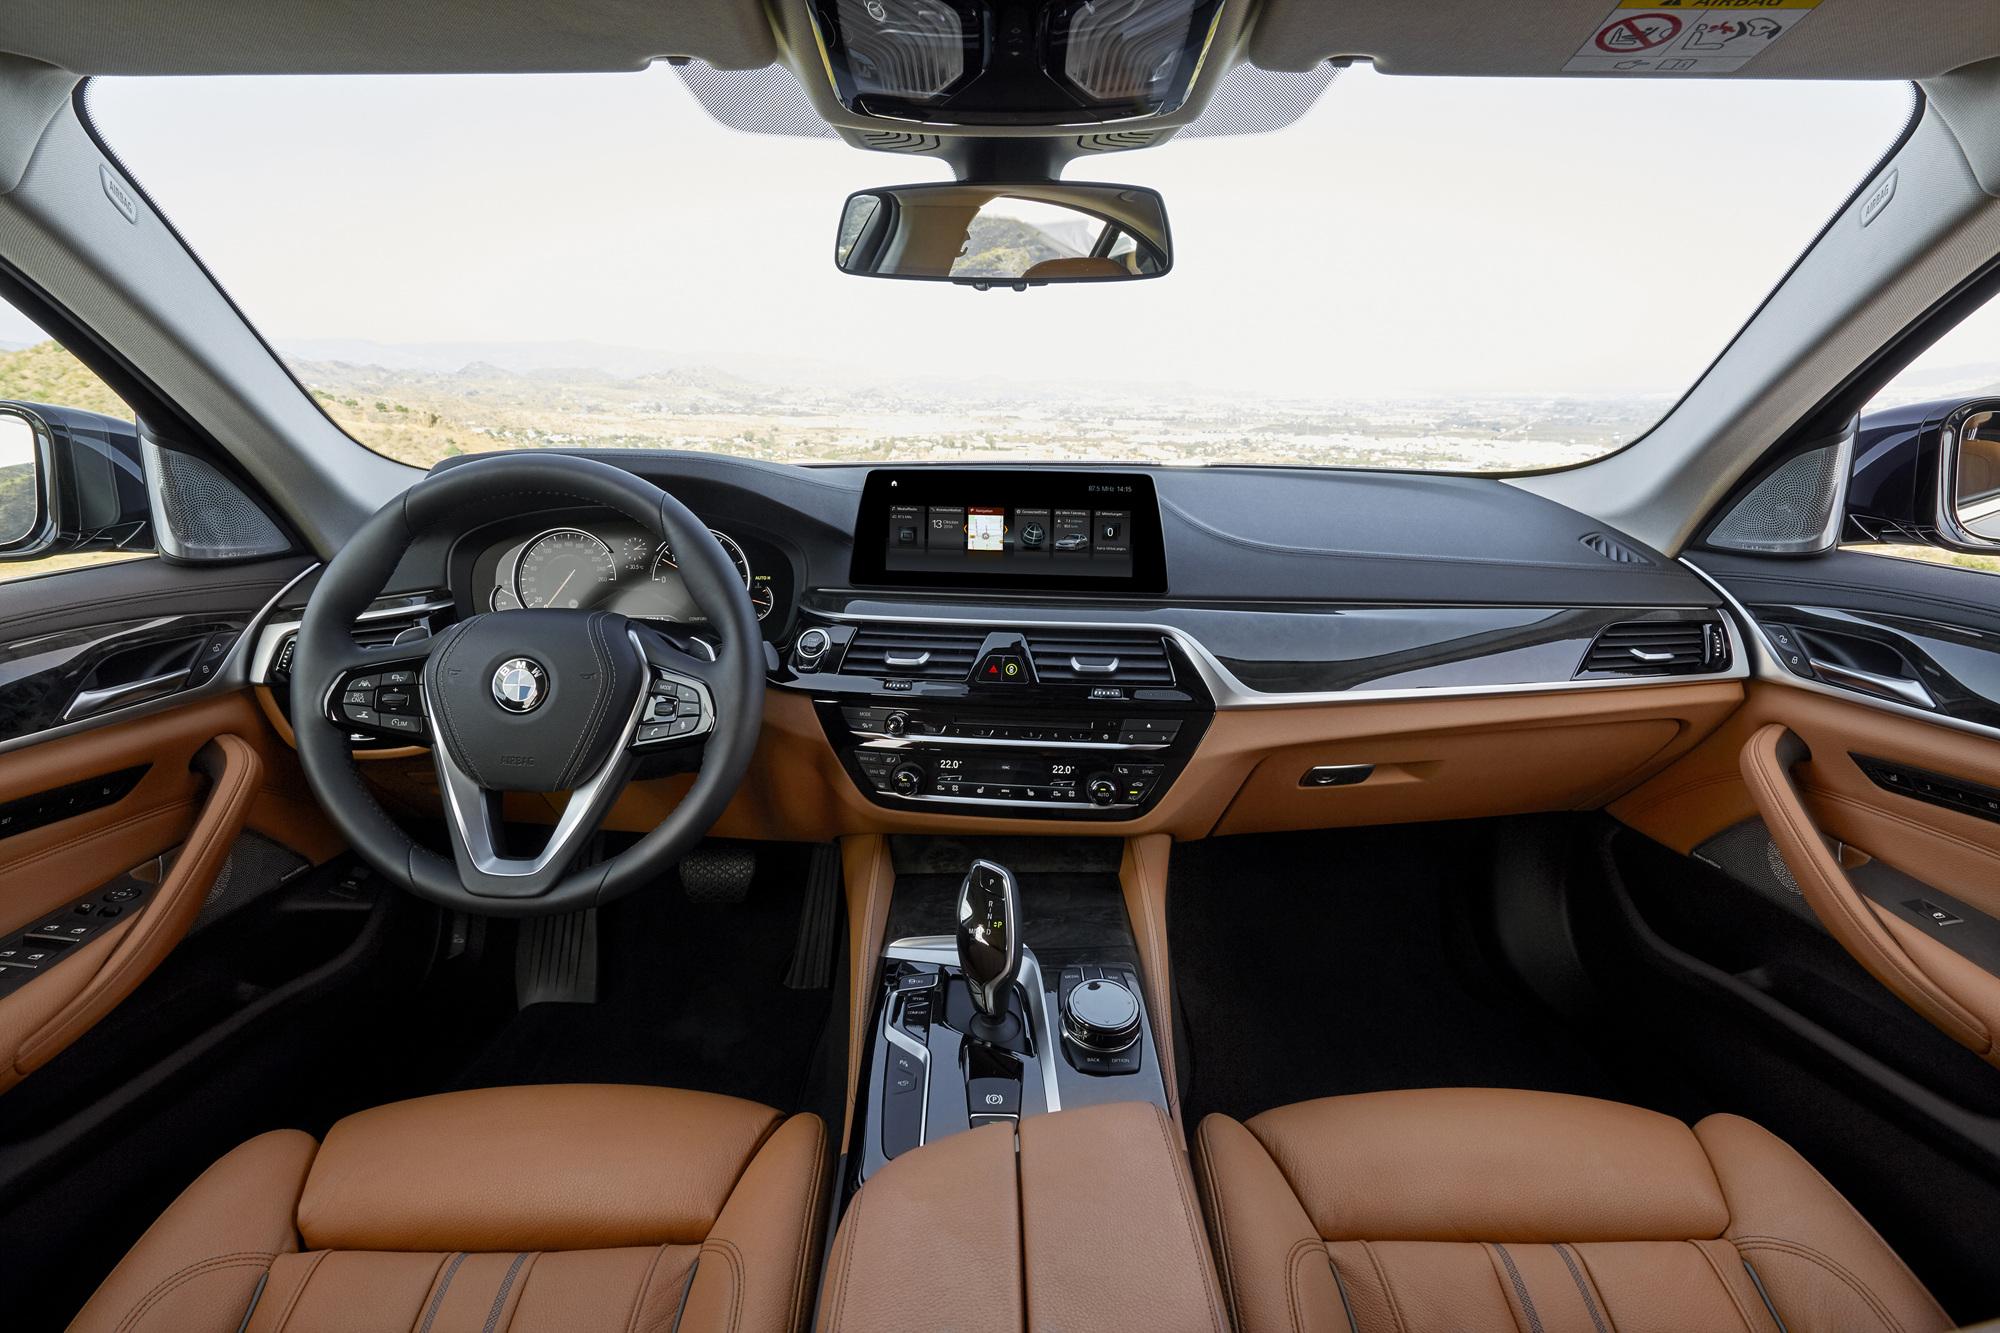 사진-BMW 뉴 520d 럭셔리 스페셜 에디션 (2)